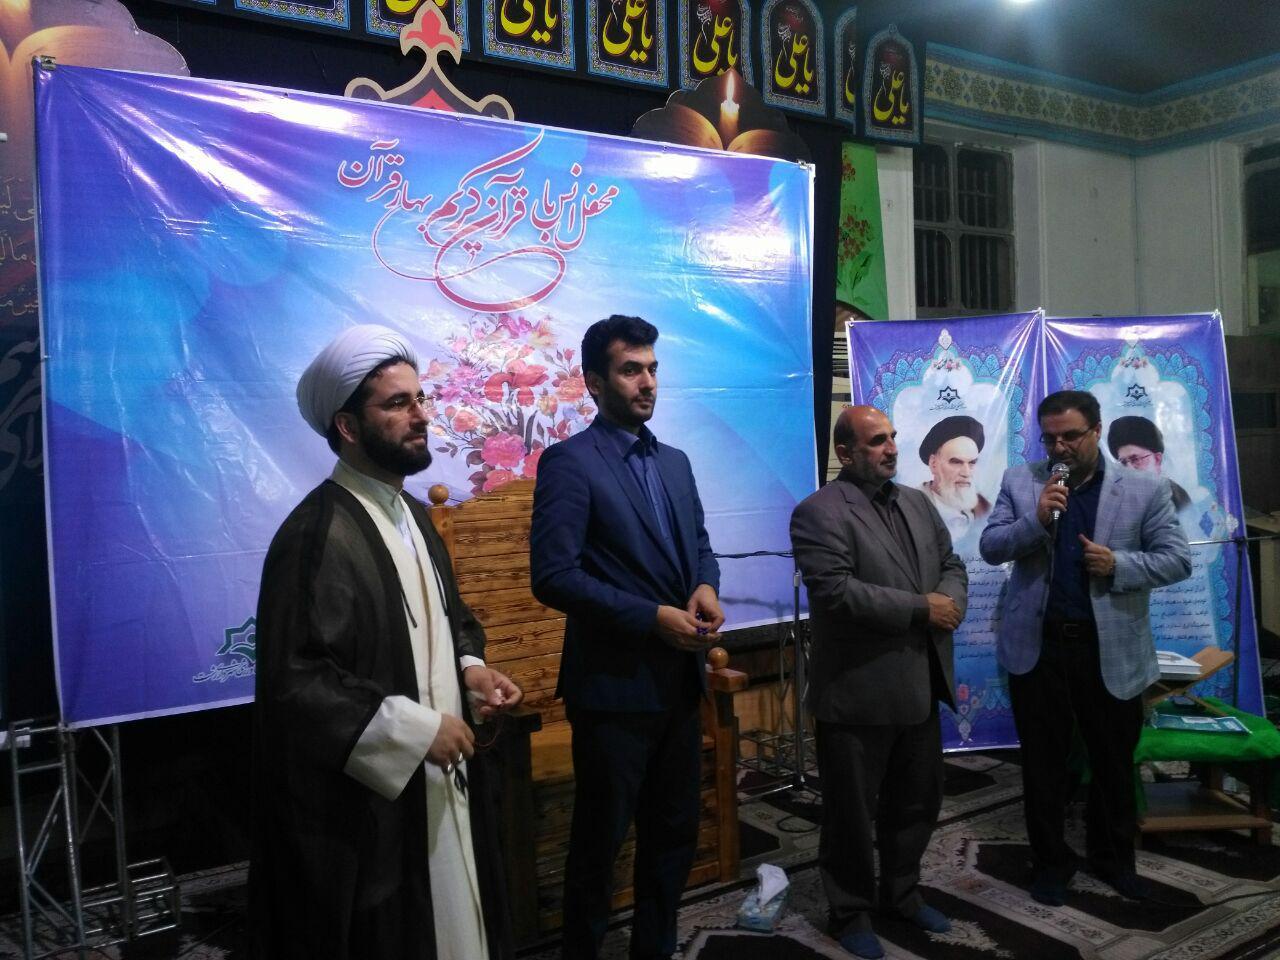 اختصاصی/گزارش تصویری برگزاری محفل قرآن کریم در مسجد امام حسین(ع)پیرکلاچای رشت